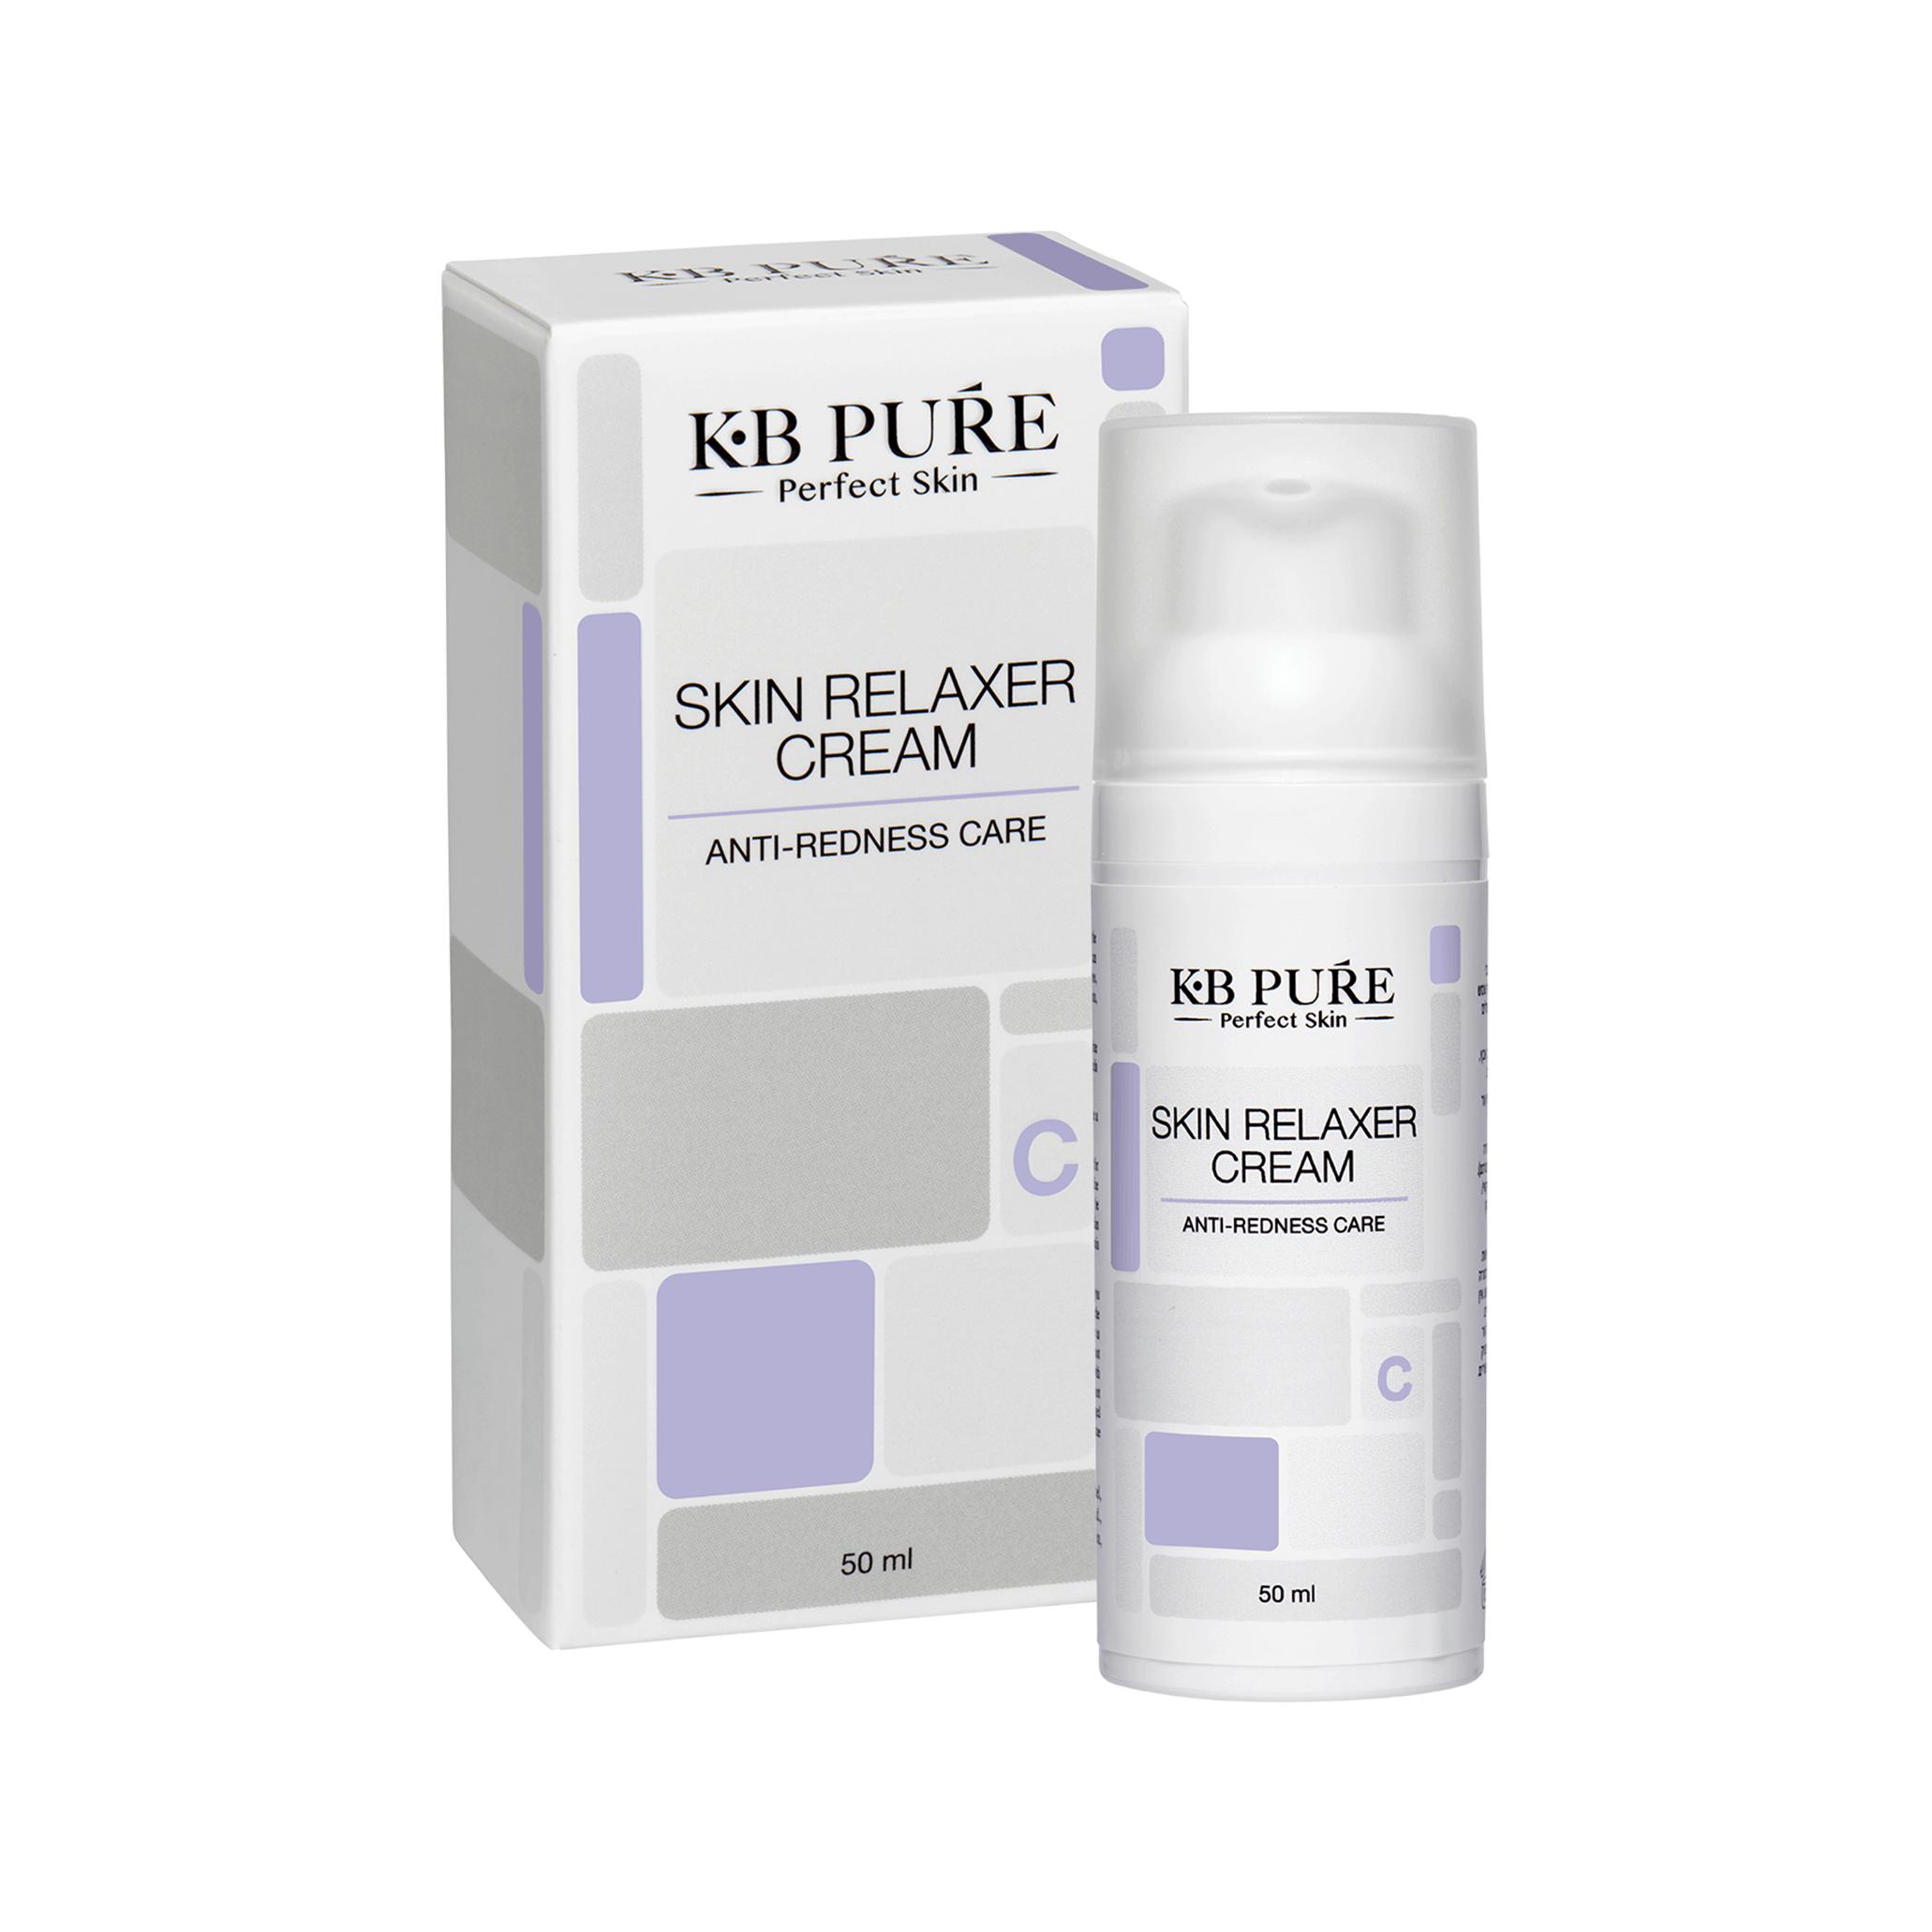 Skin Relaxer Cream